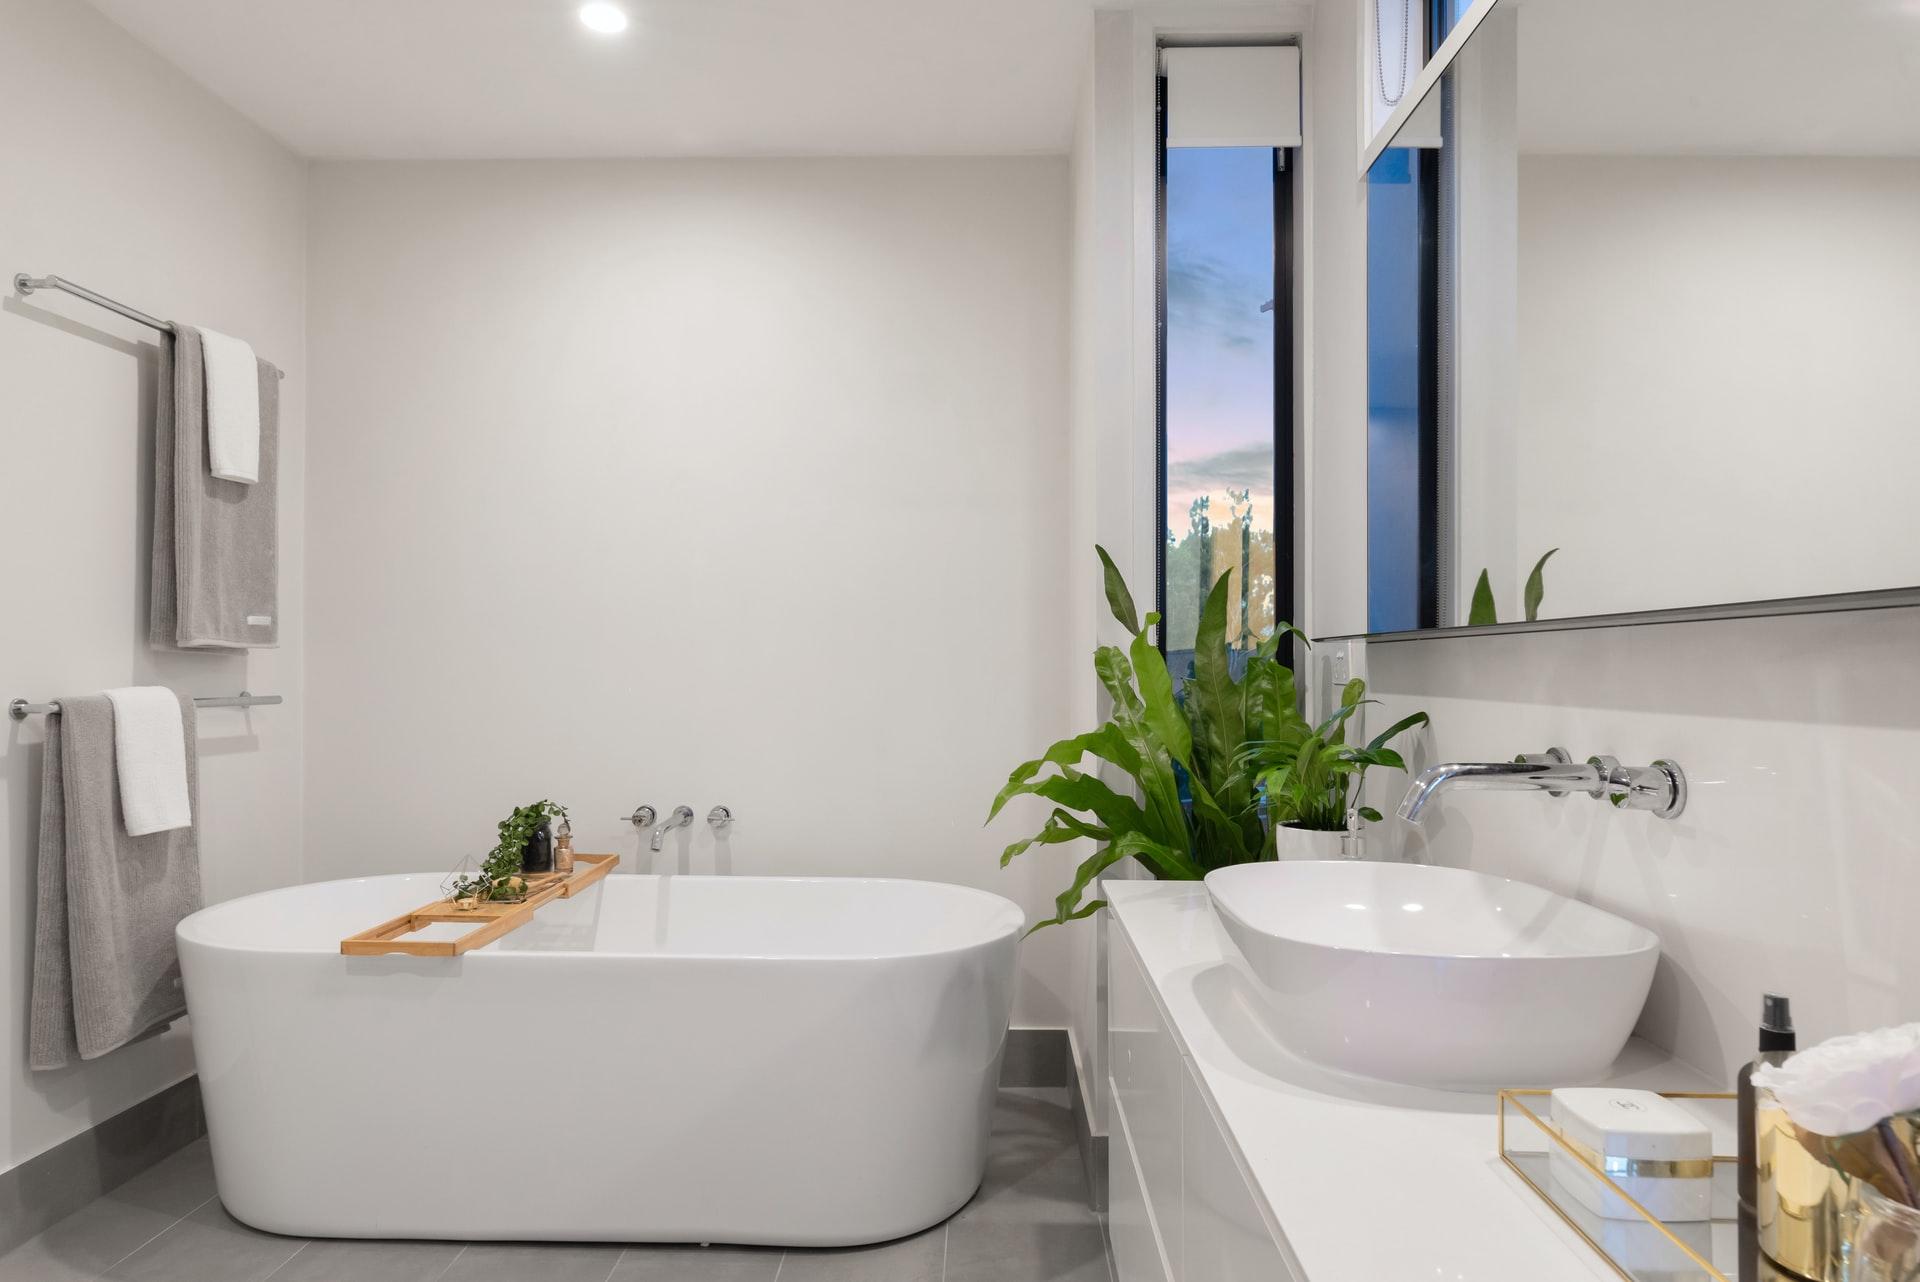 Jak urządzić małą łazienkę w mieszkaniu w bloku w domu z wanną prysznicem